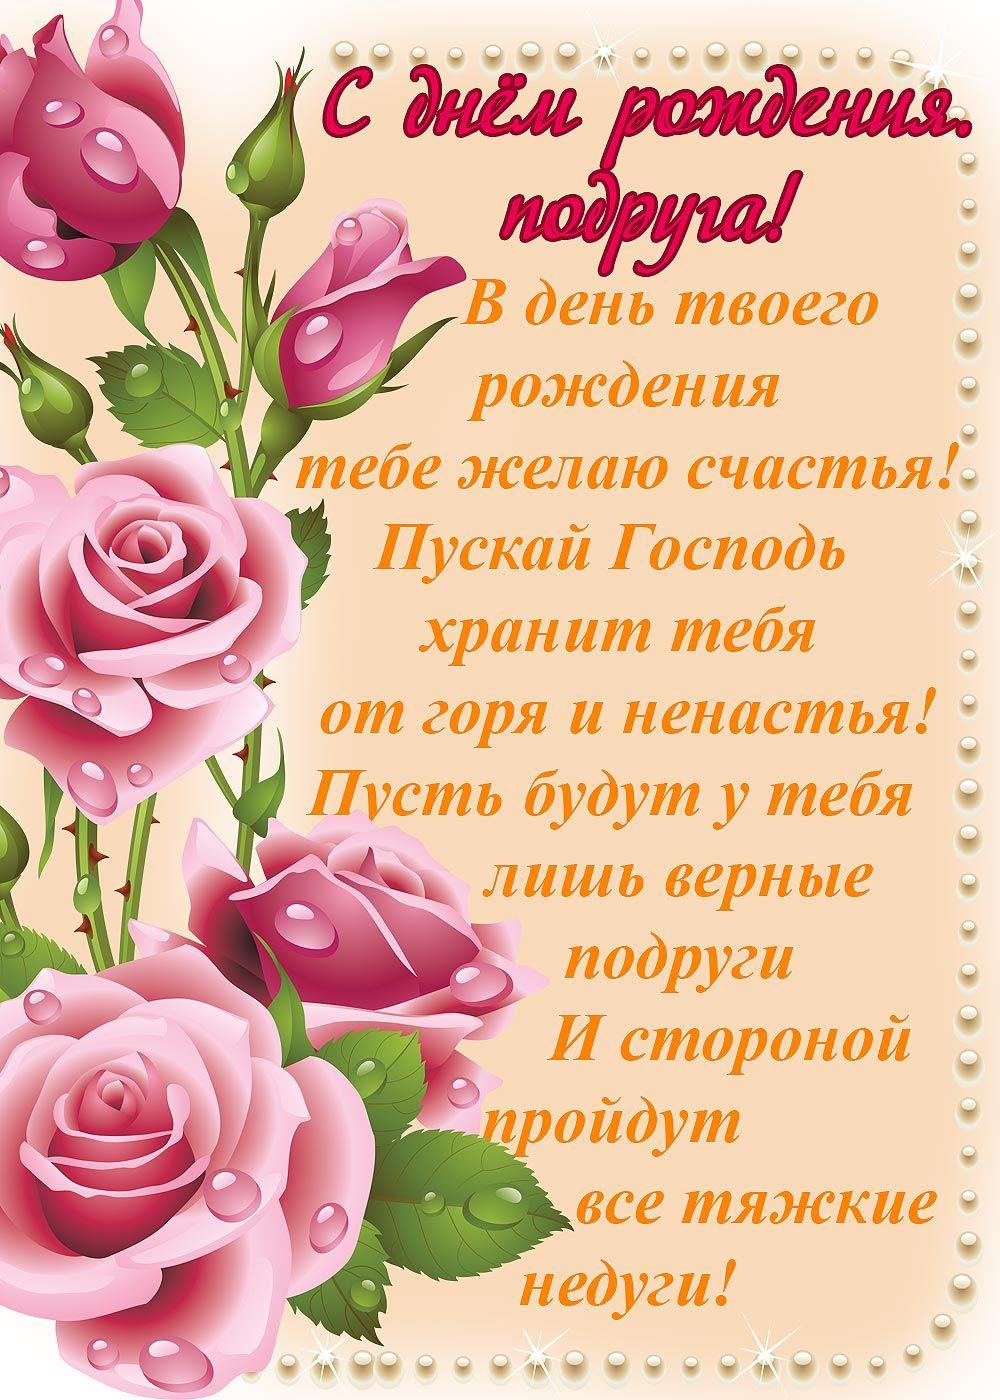 Фото открытки с днем рождения для подруги своими руками 99